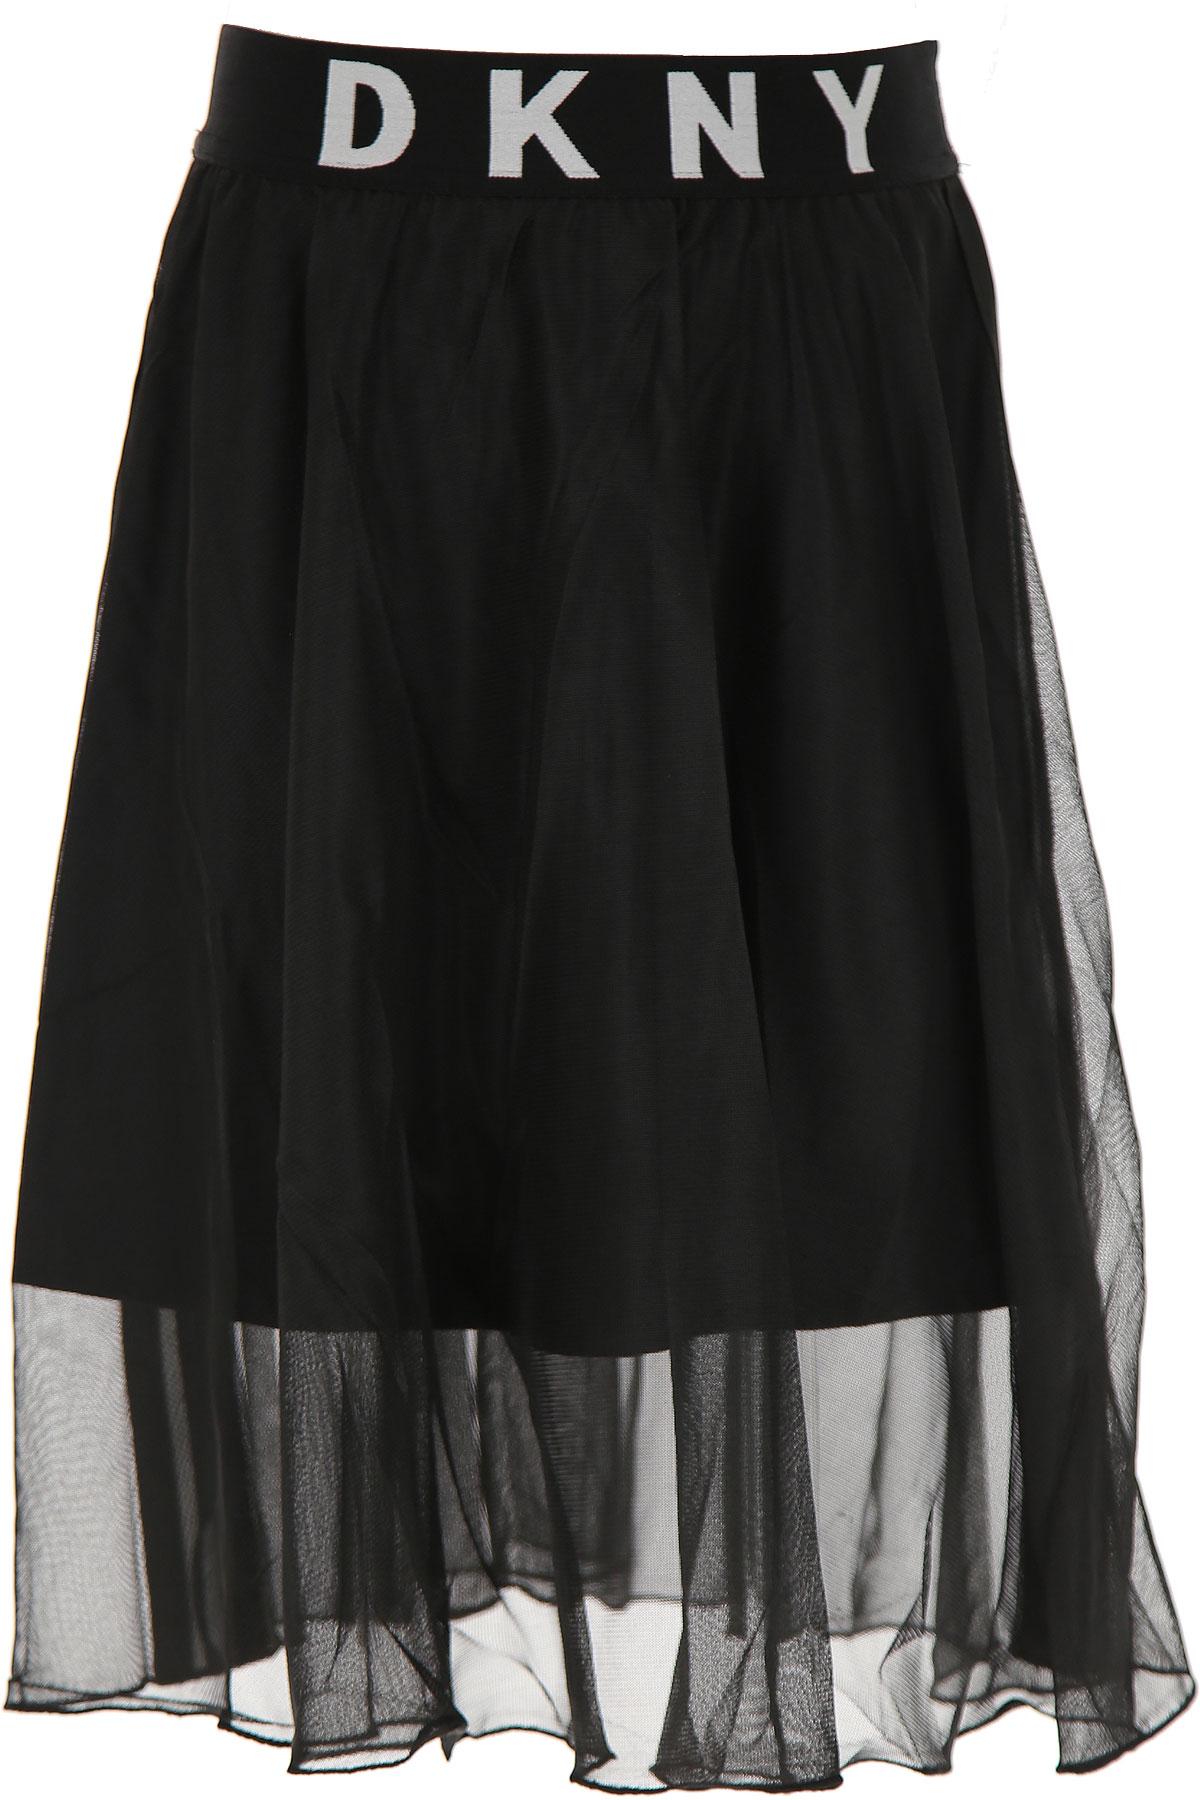 DKNY Kids Shirts for Girls On Sale, Black, polyester, 2019, 10Y 10Y 12Y 14Y 14Y 16Y 8Y 8Y